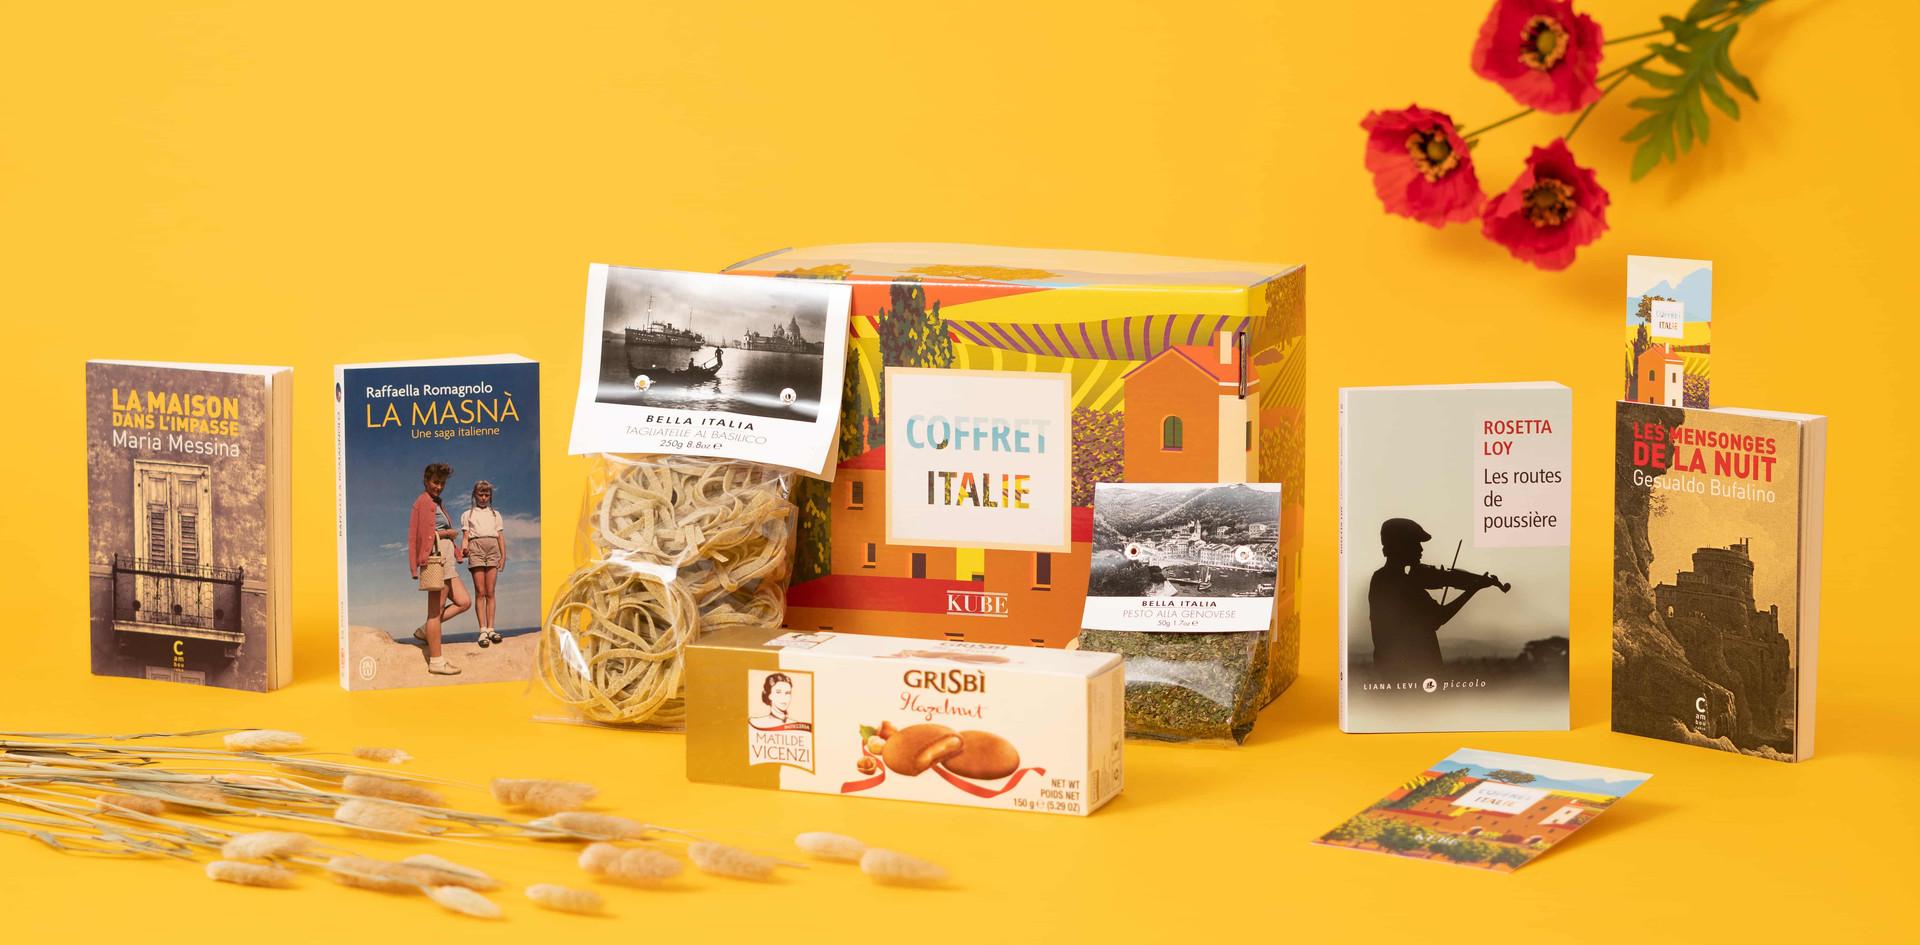 KUBE_ITALIE-FAMILLE_02 (3).jpg